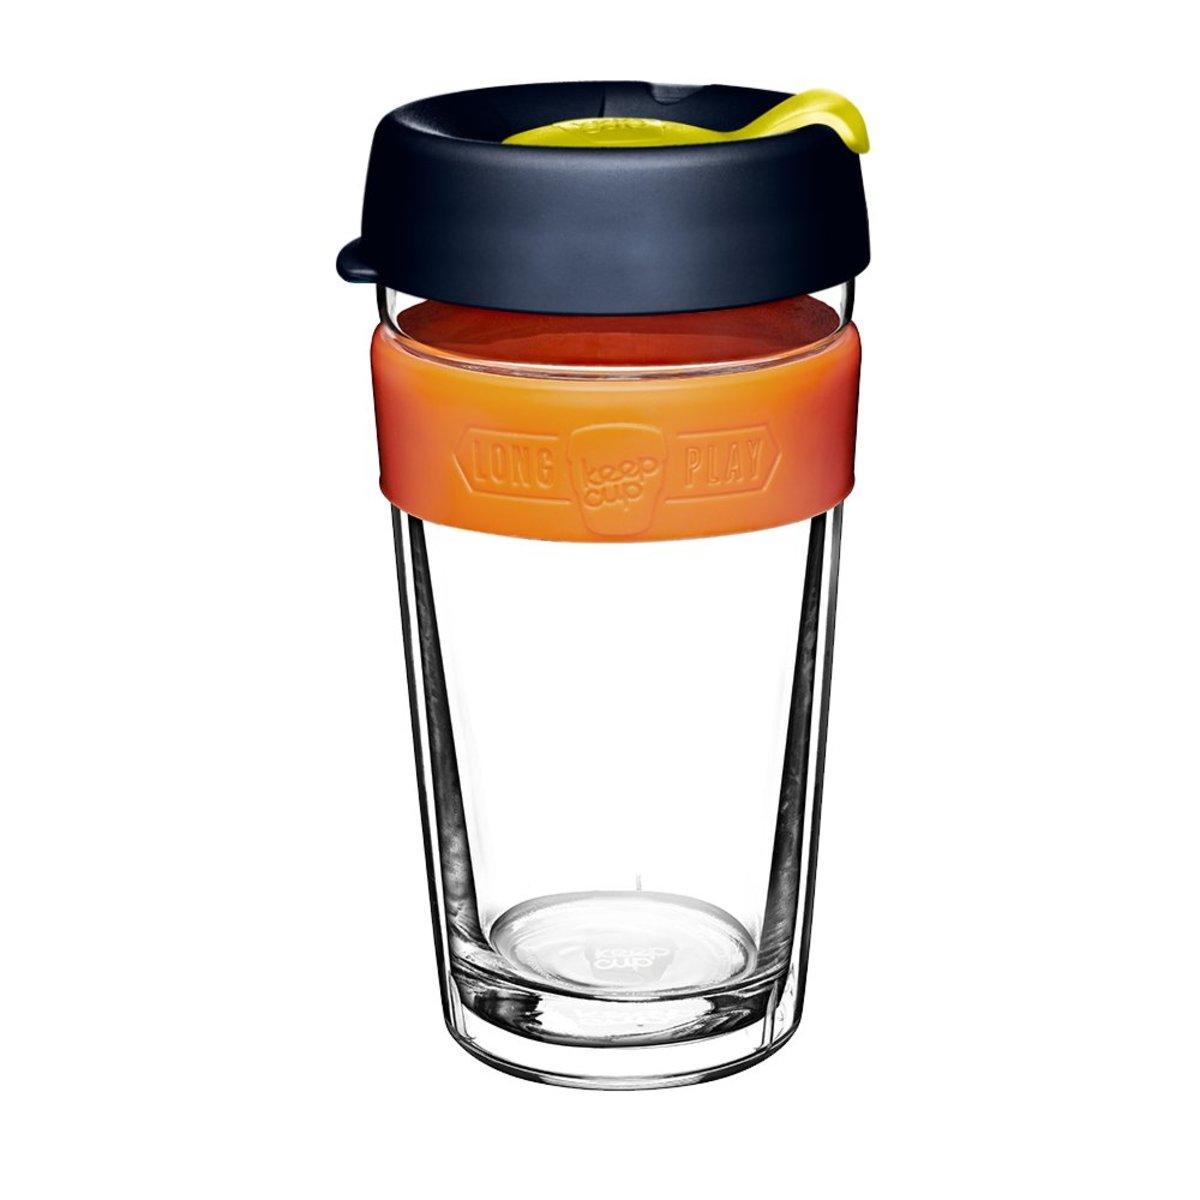 LongPlay 走杯鋼化玻璃雙層外帶杯 L/16oz/454ml - 藍橙色(澳洲製造)